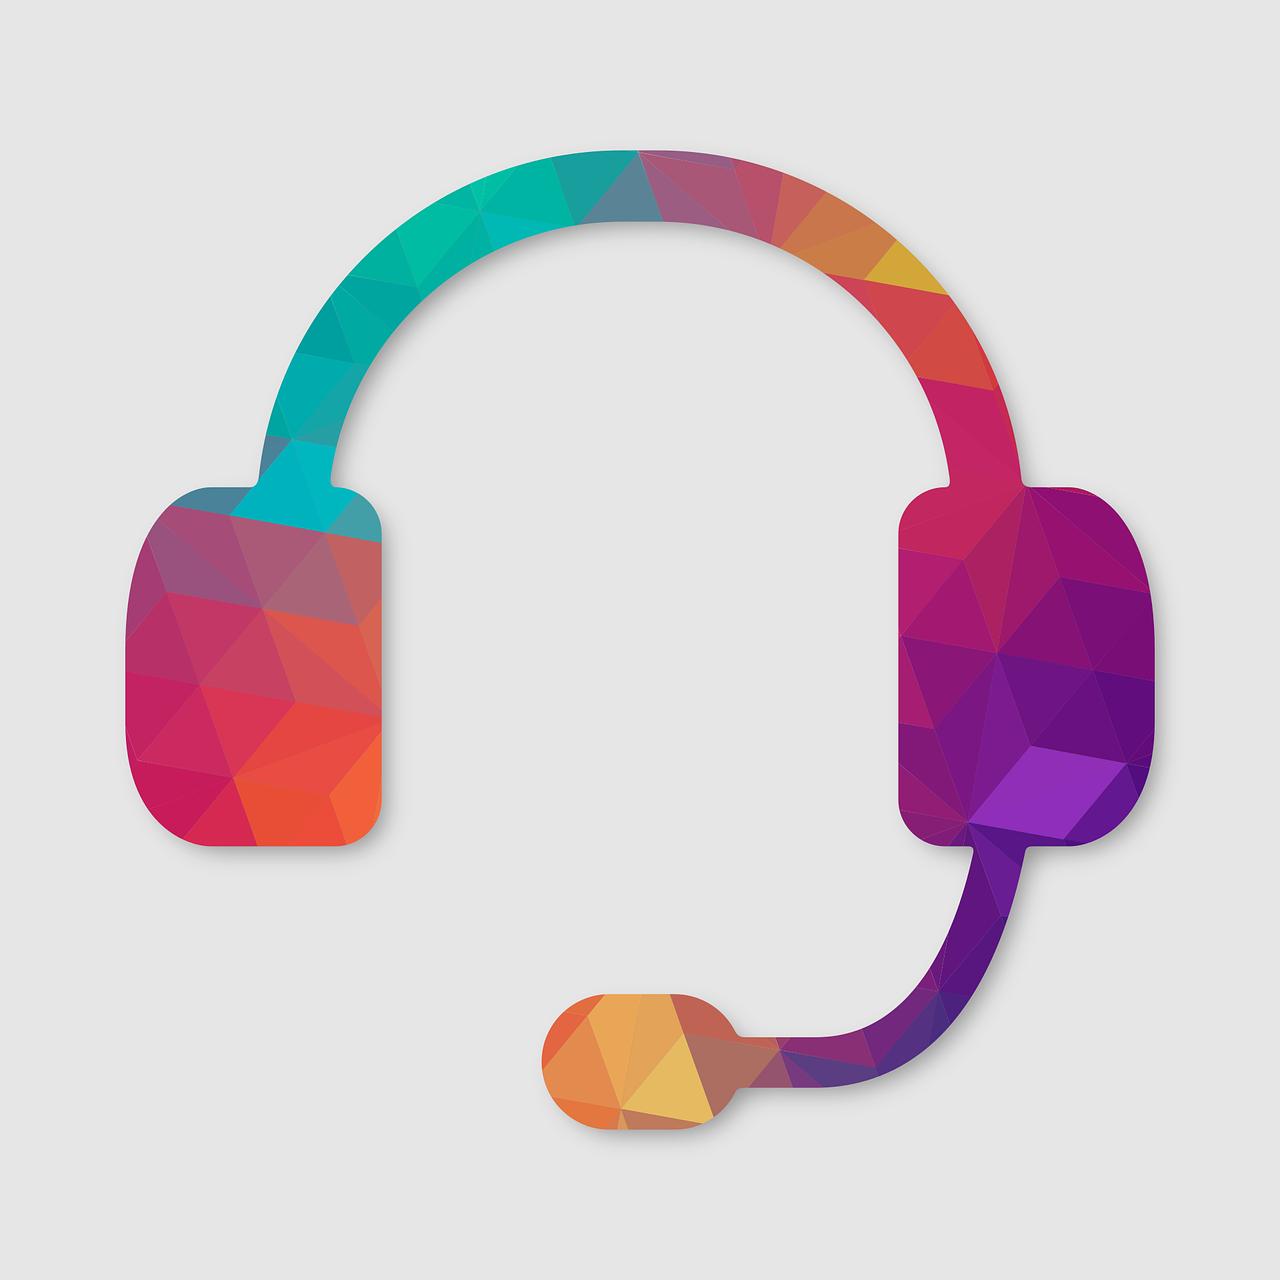 headphones-1935971_1280-1280x1280.png